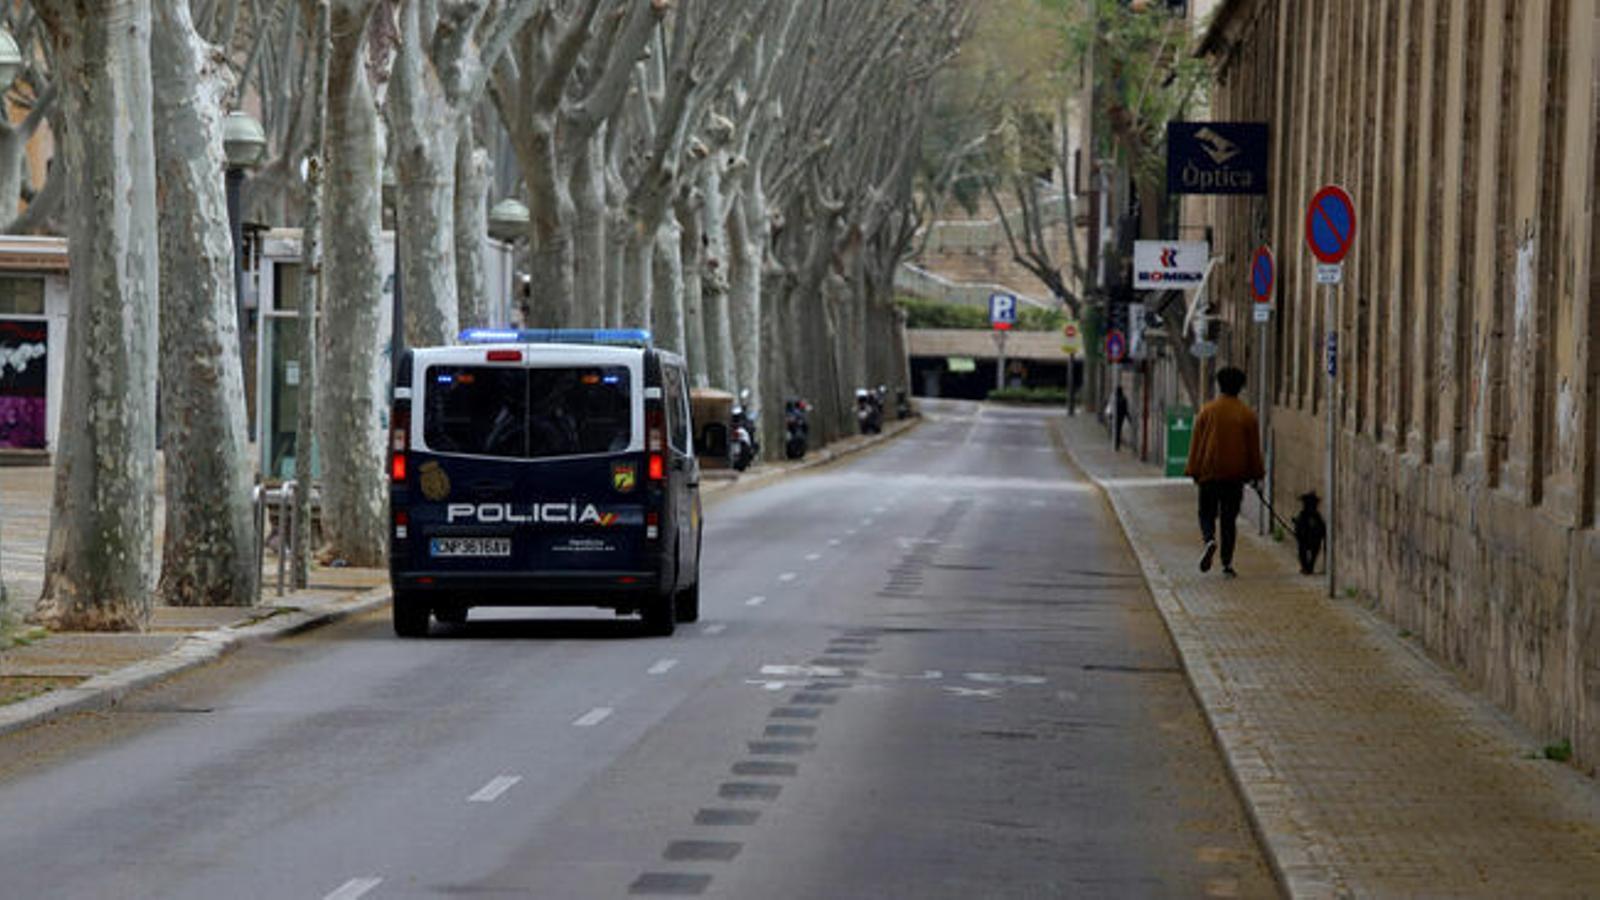 Nou detinguts a les Balears per saltar-se les restriccions de l'estat d'alarma.